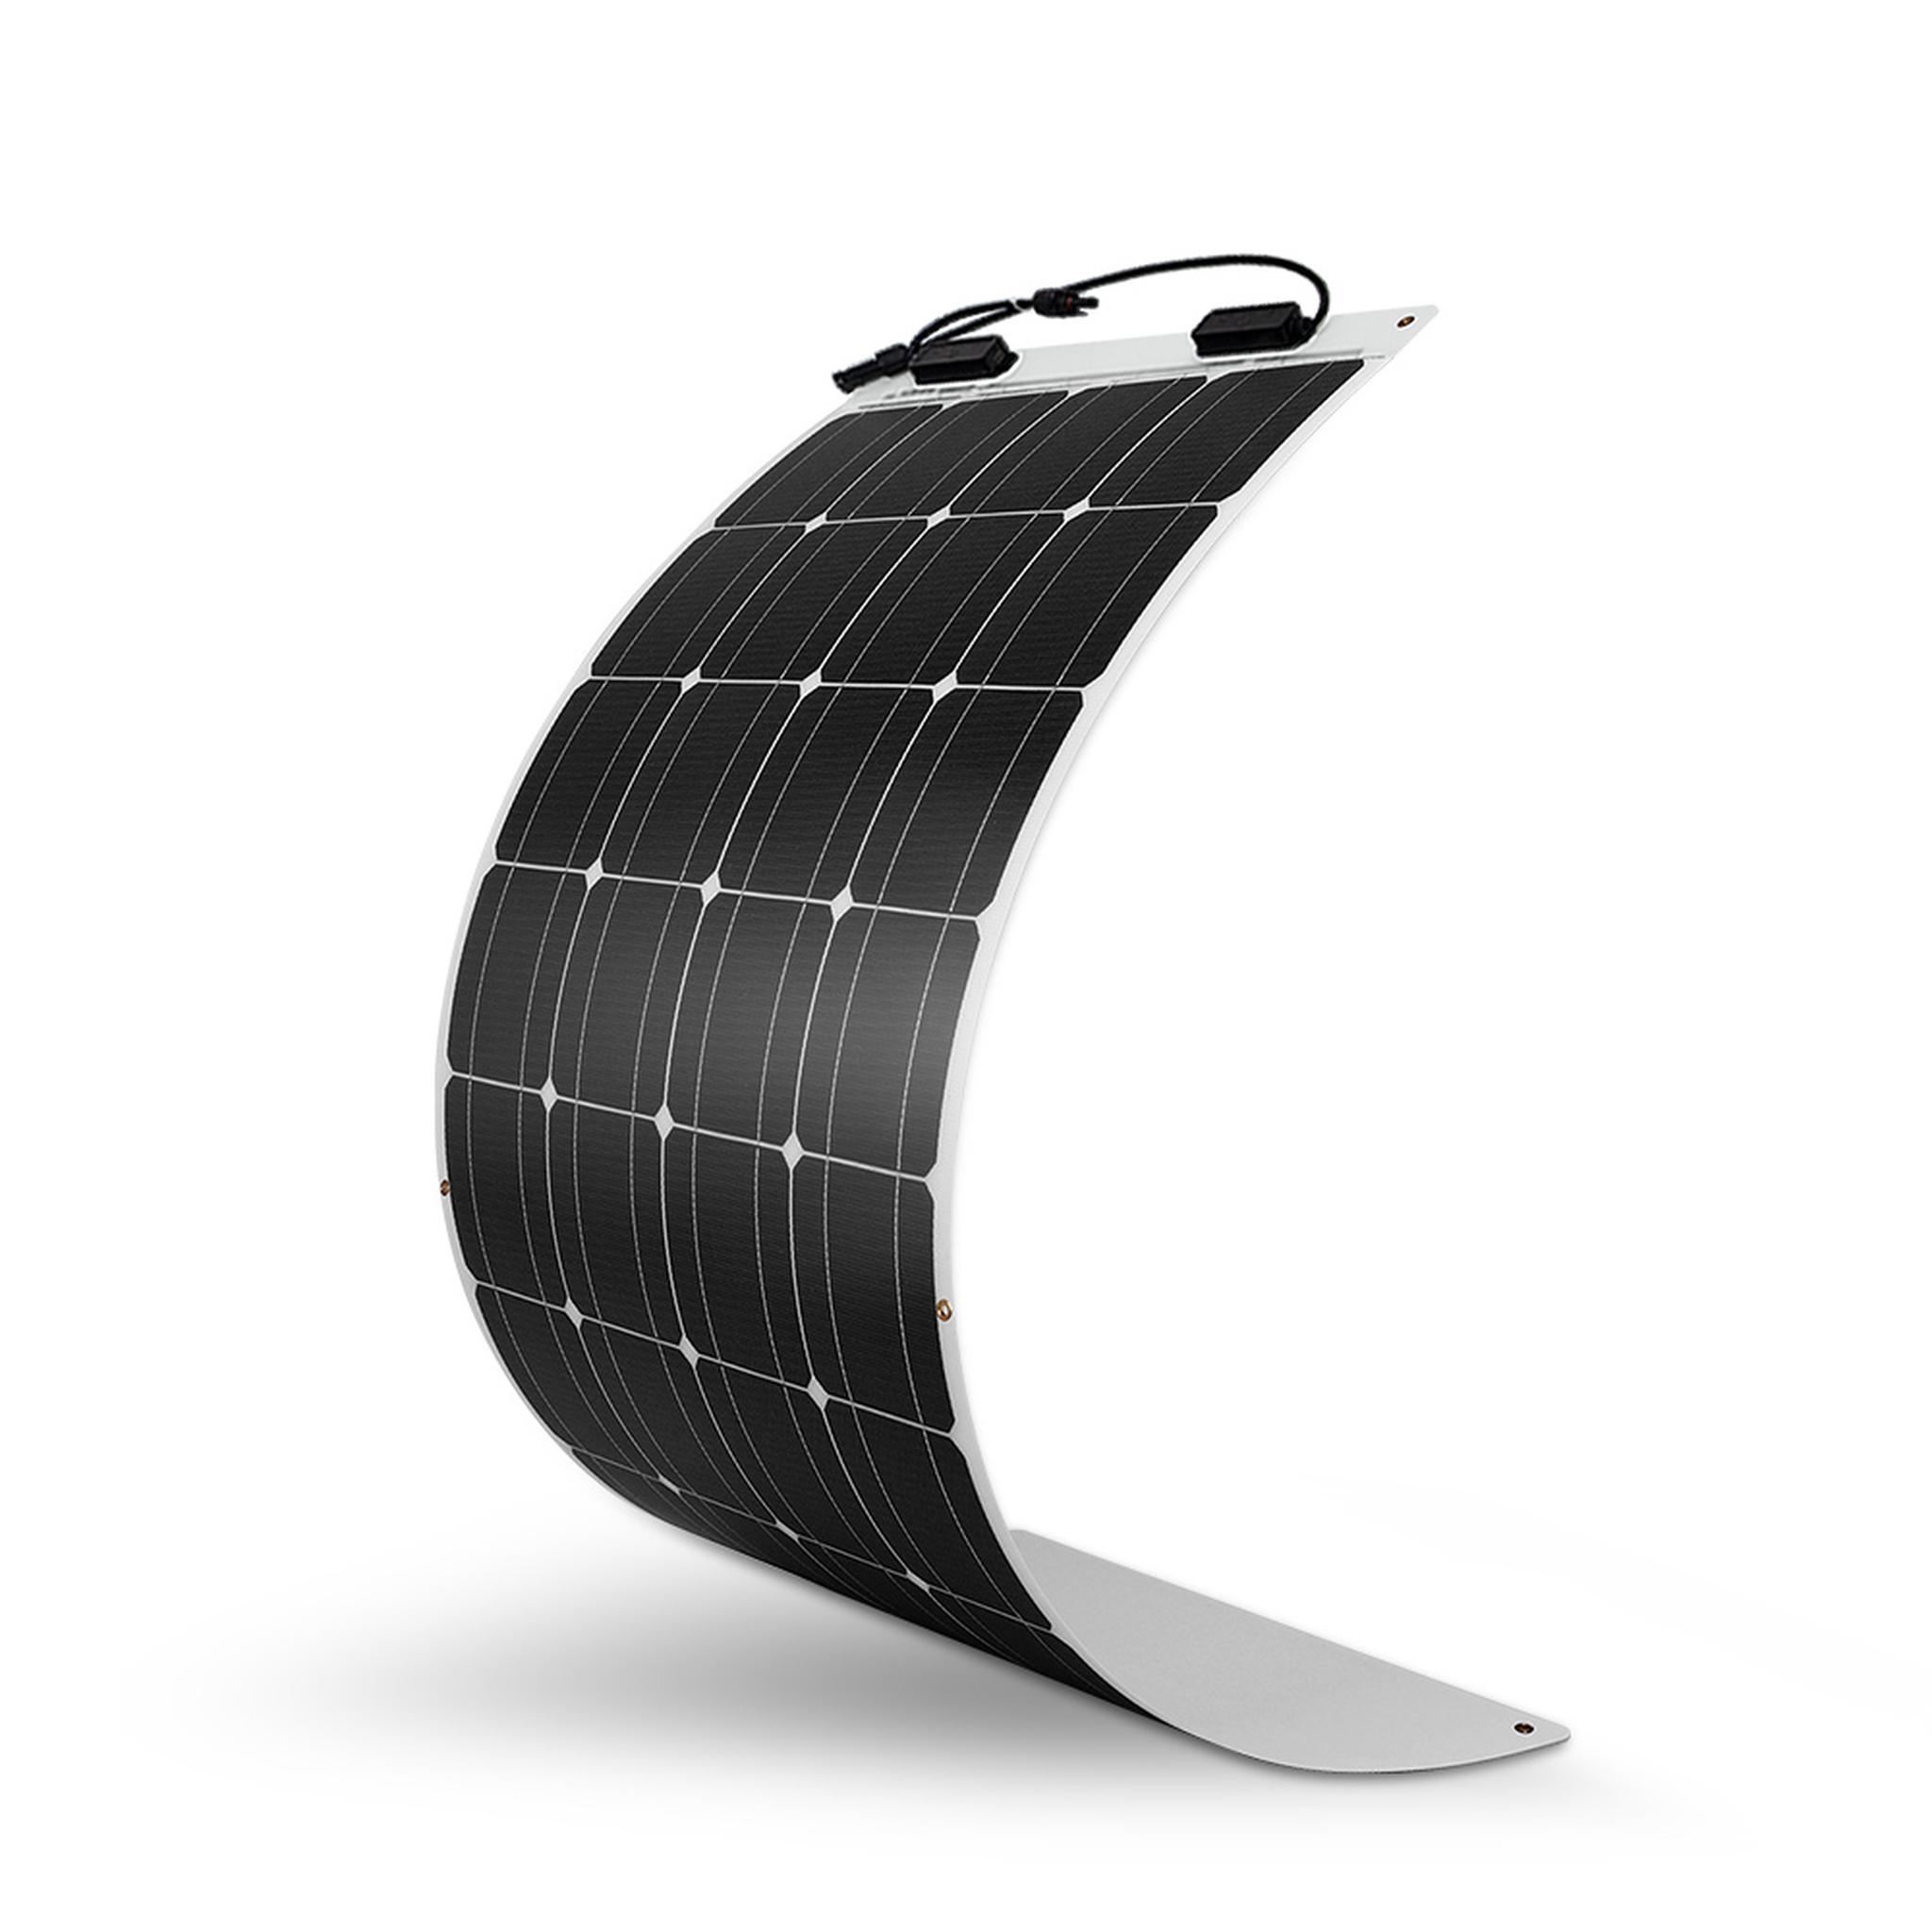 Renogy Flexible Solar Panels